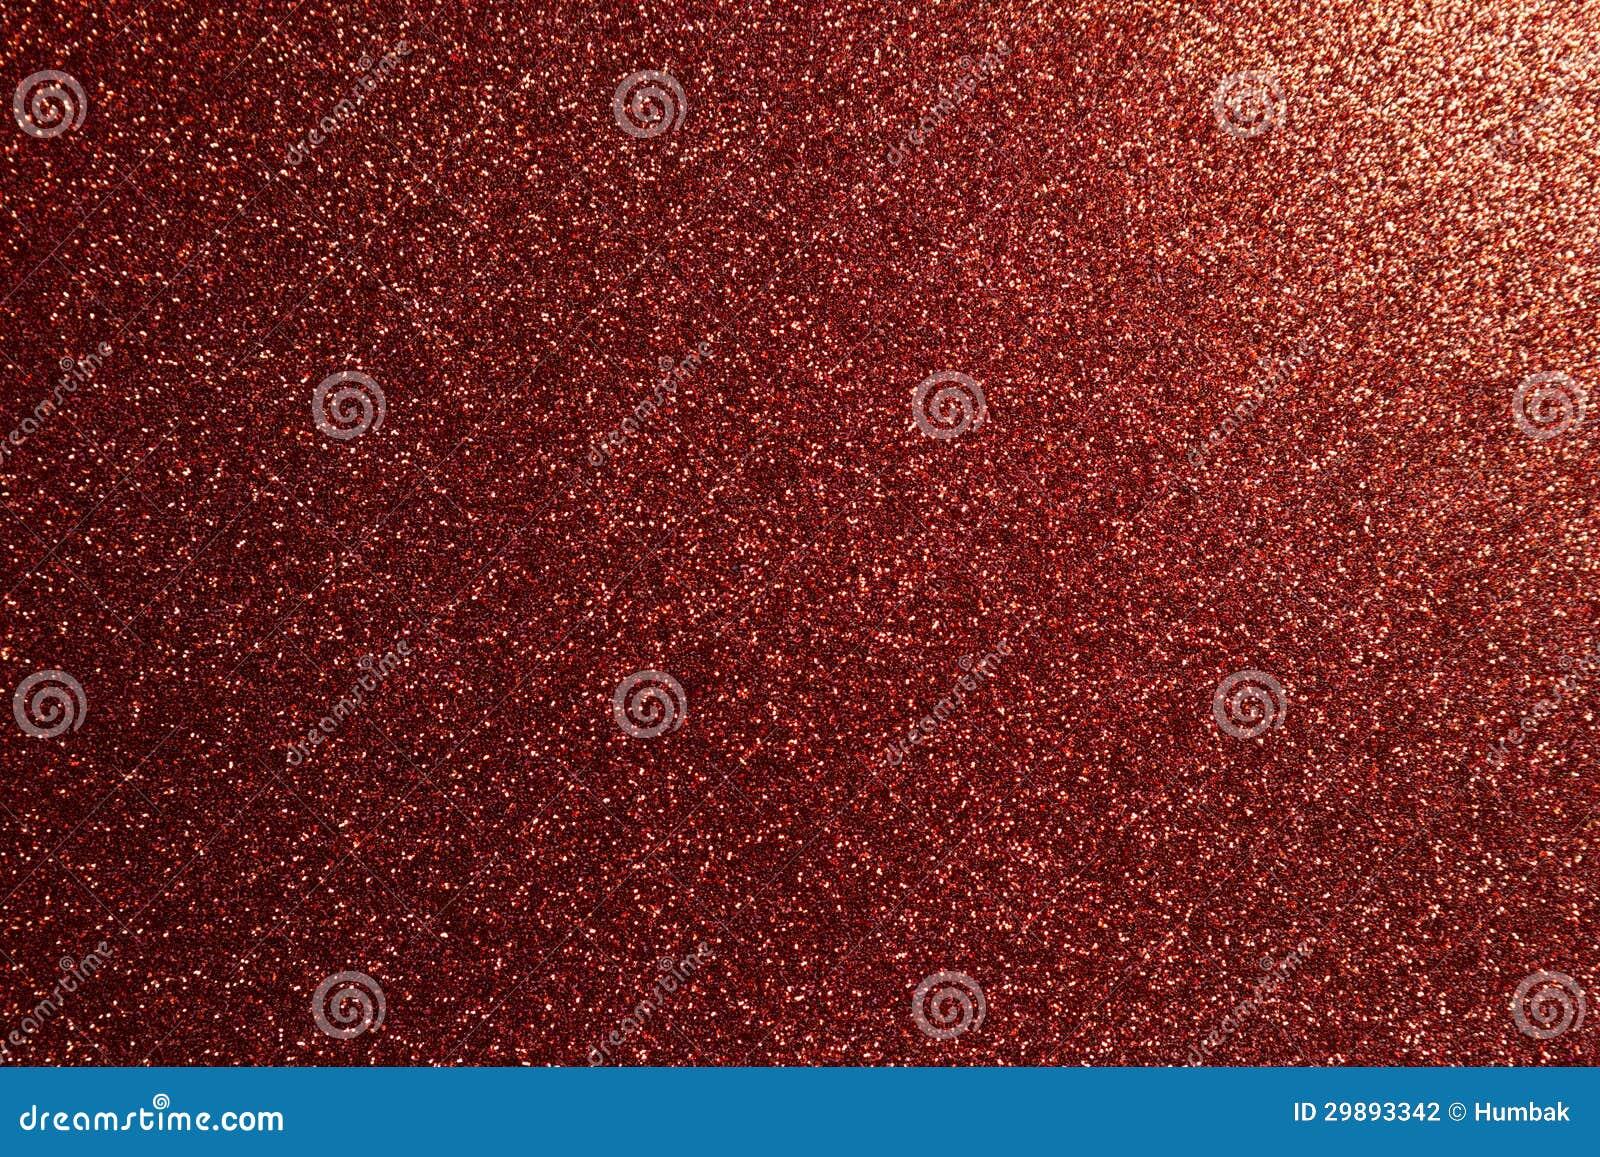 Red glitter full frame...